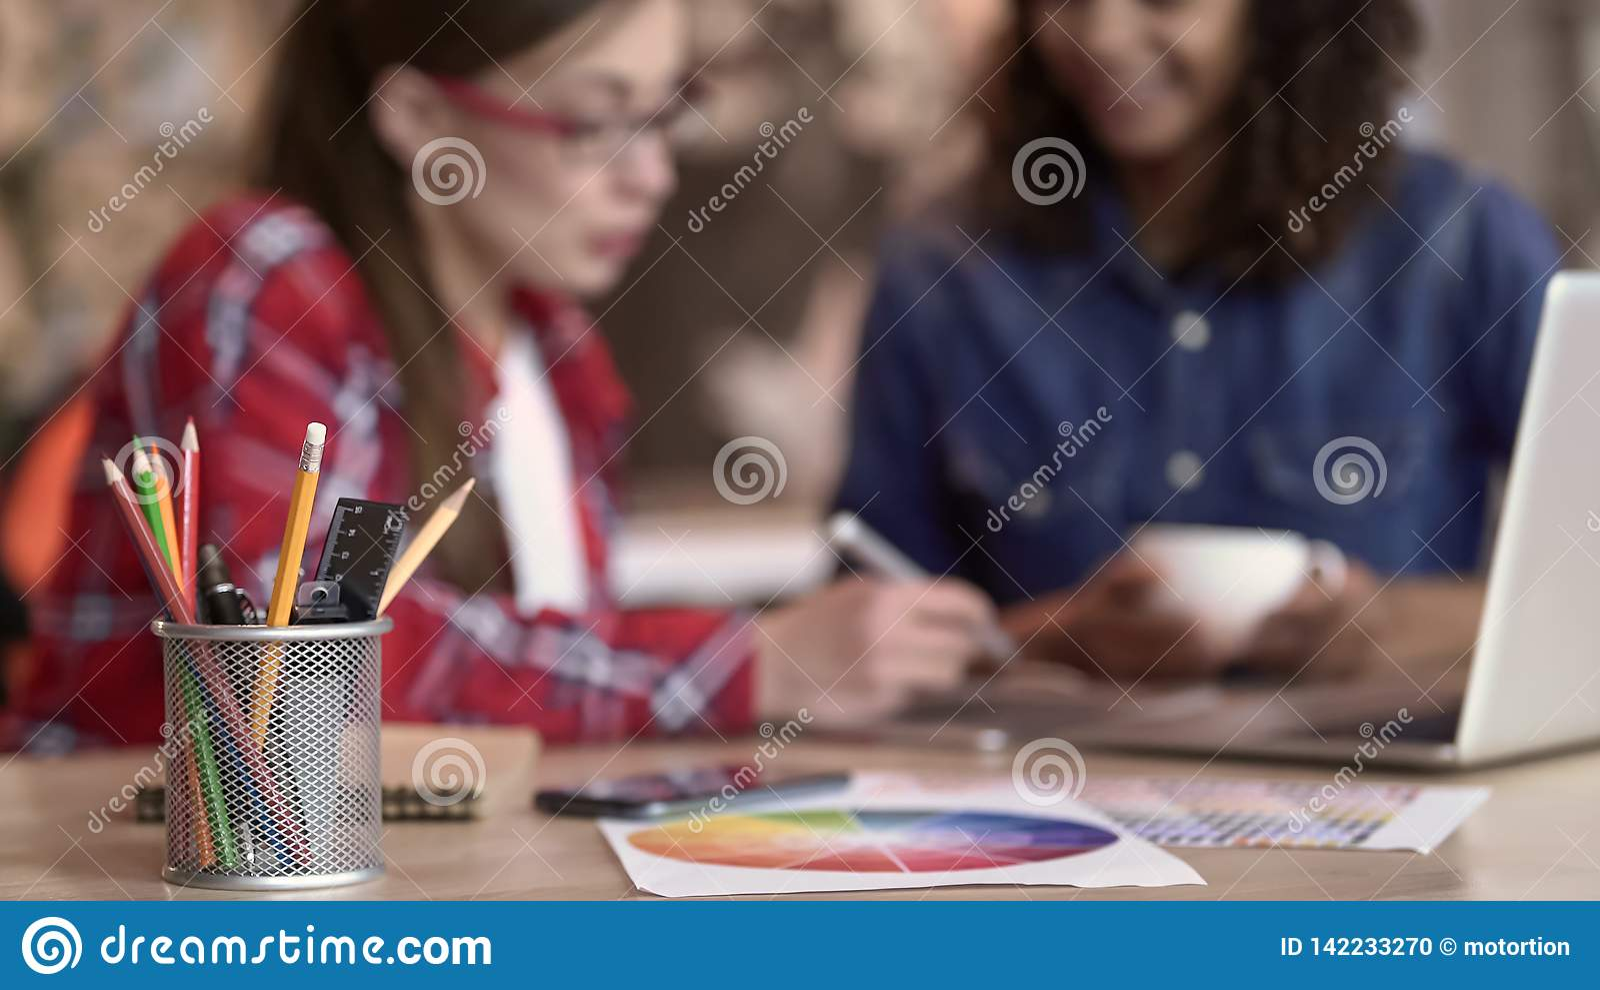 Плановики свадьбы выбирая решения украшения, положение держателя карандаша на таблице